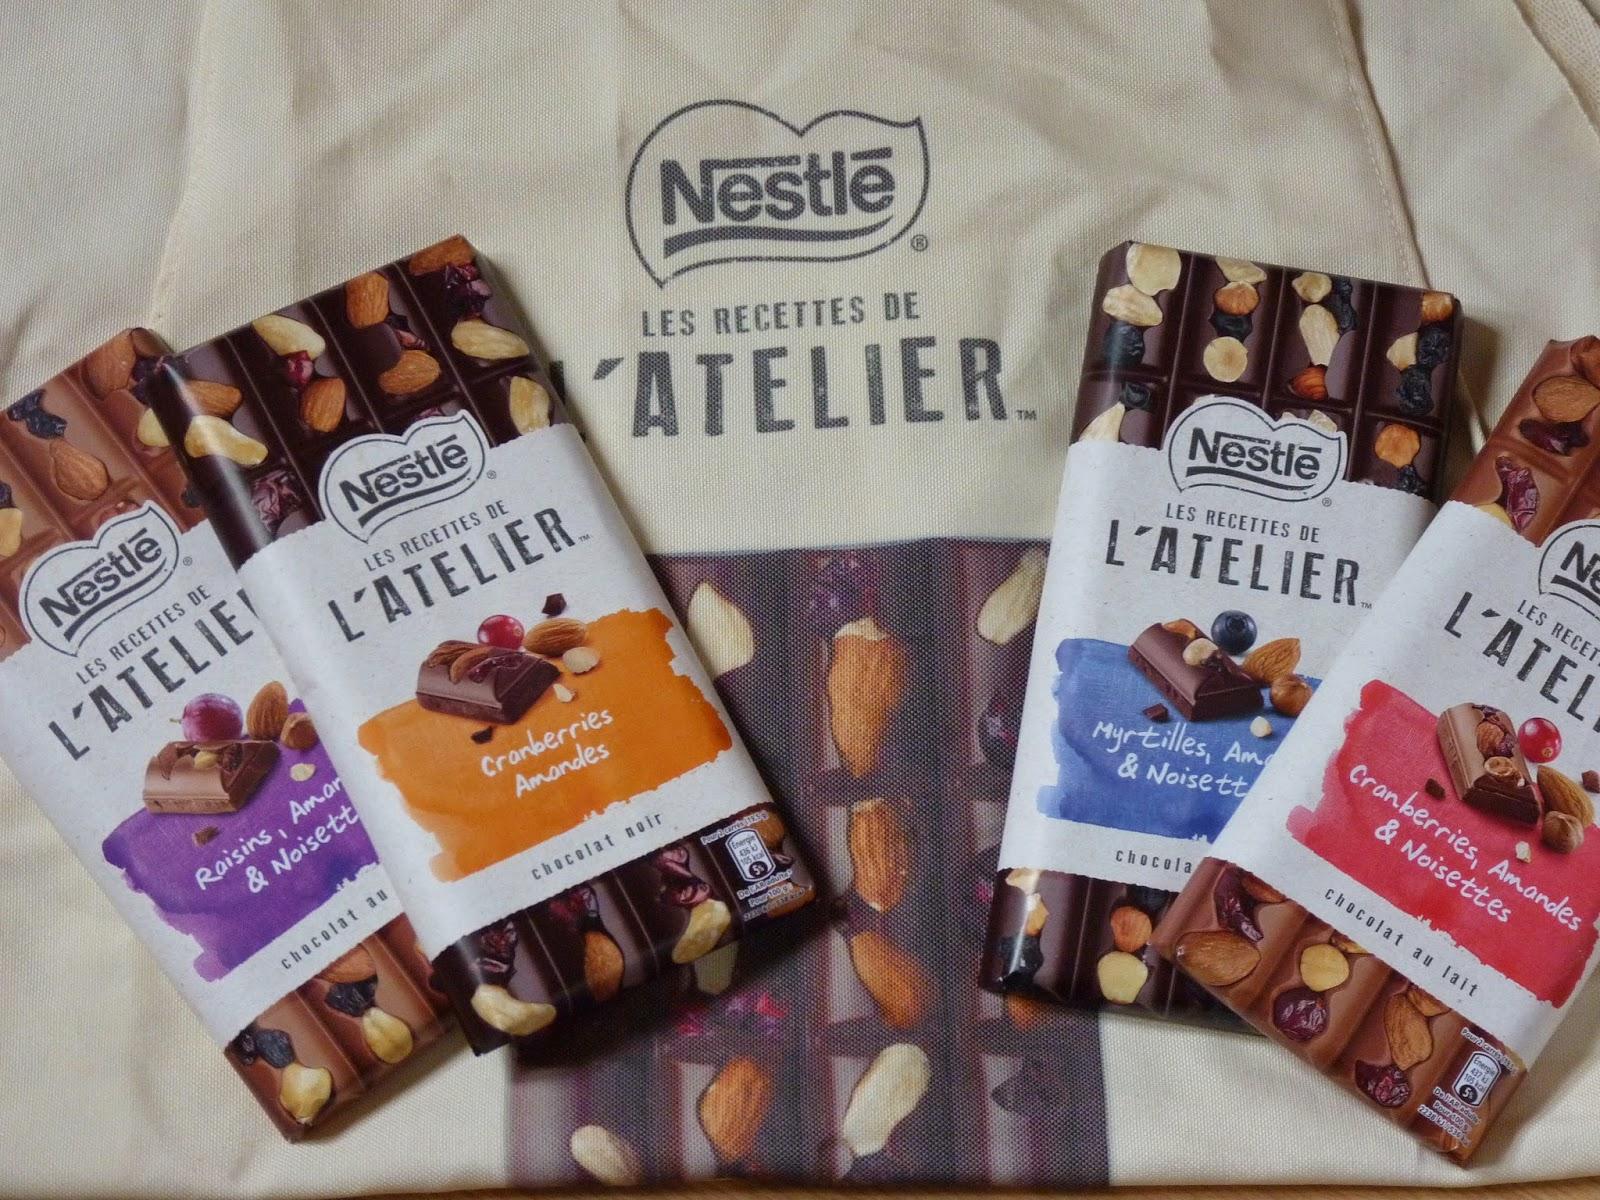 Les recettes de l'Atelier - Nestlé chocolat